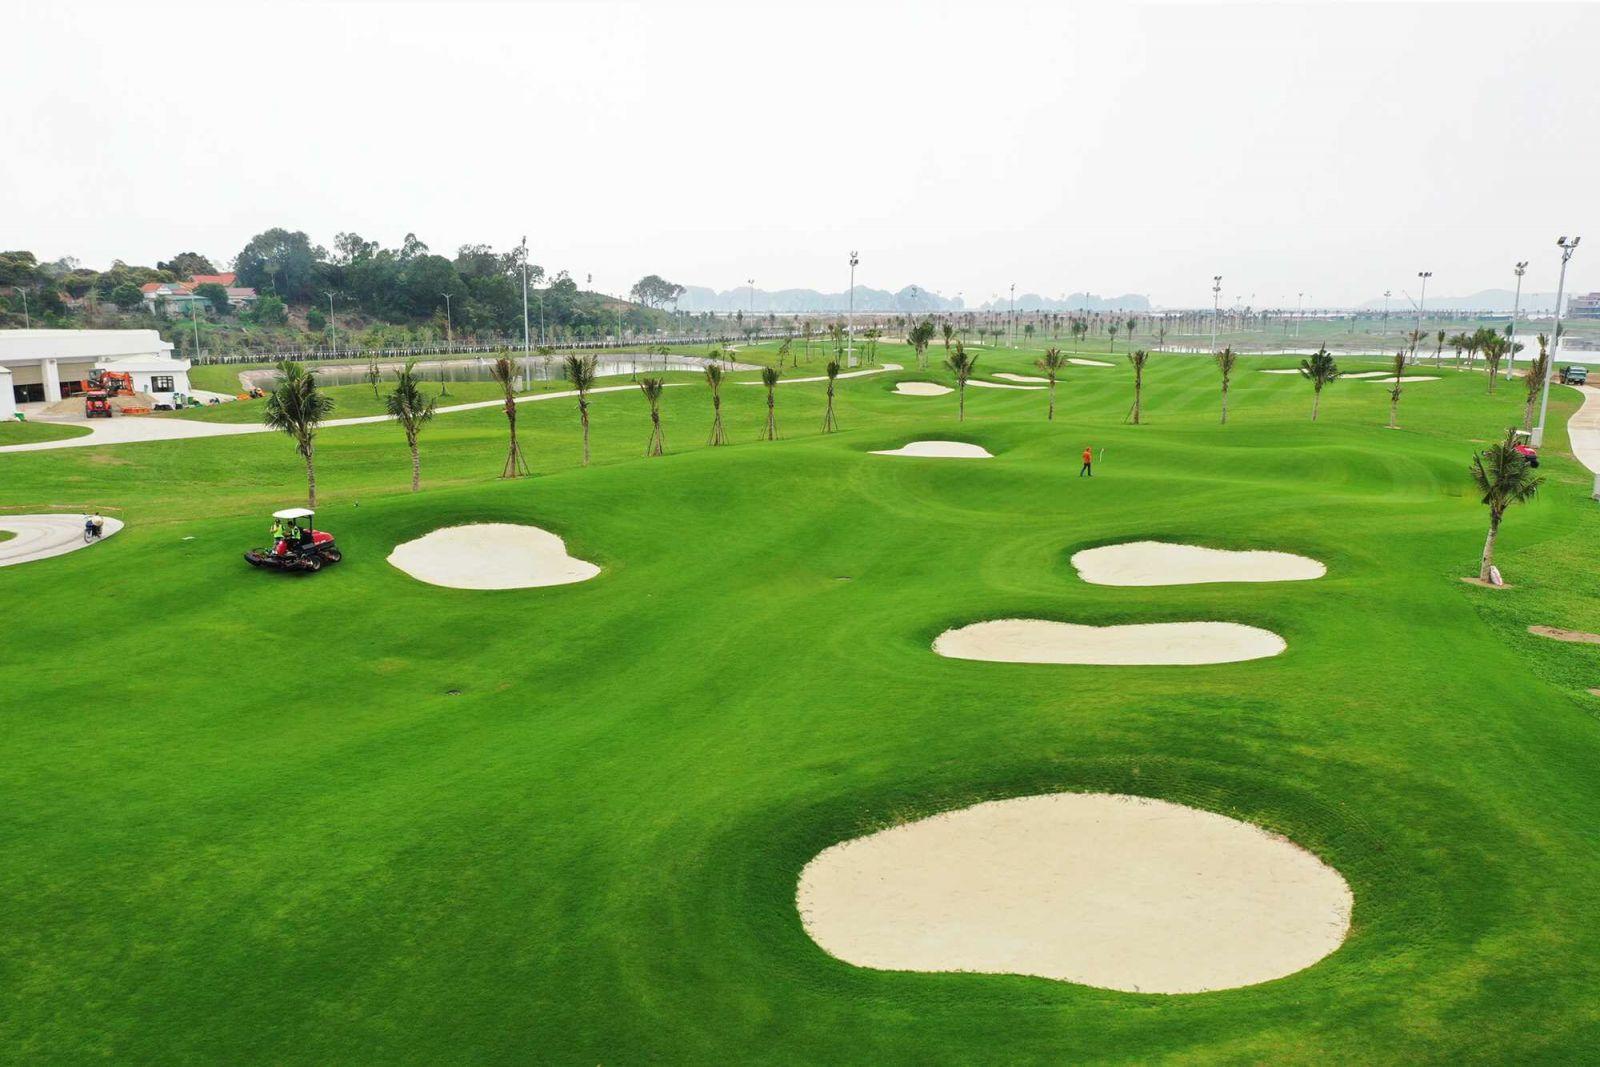 Sân golf hiện đại 18 lỗ có đường golf dài nhất, gần kỳ quan di sản Hạ Long nhất được đưa vào hoạt động từ ngày 30/4 .